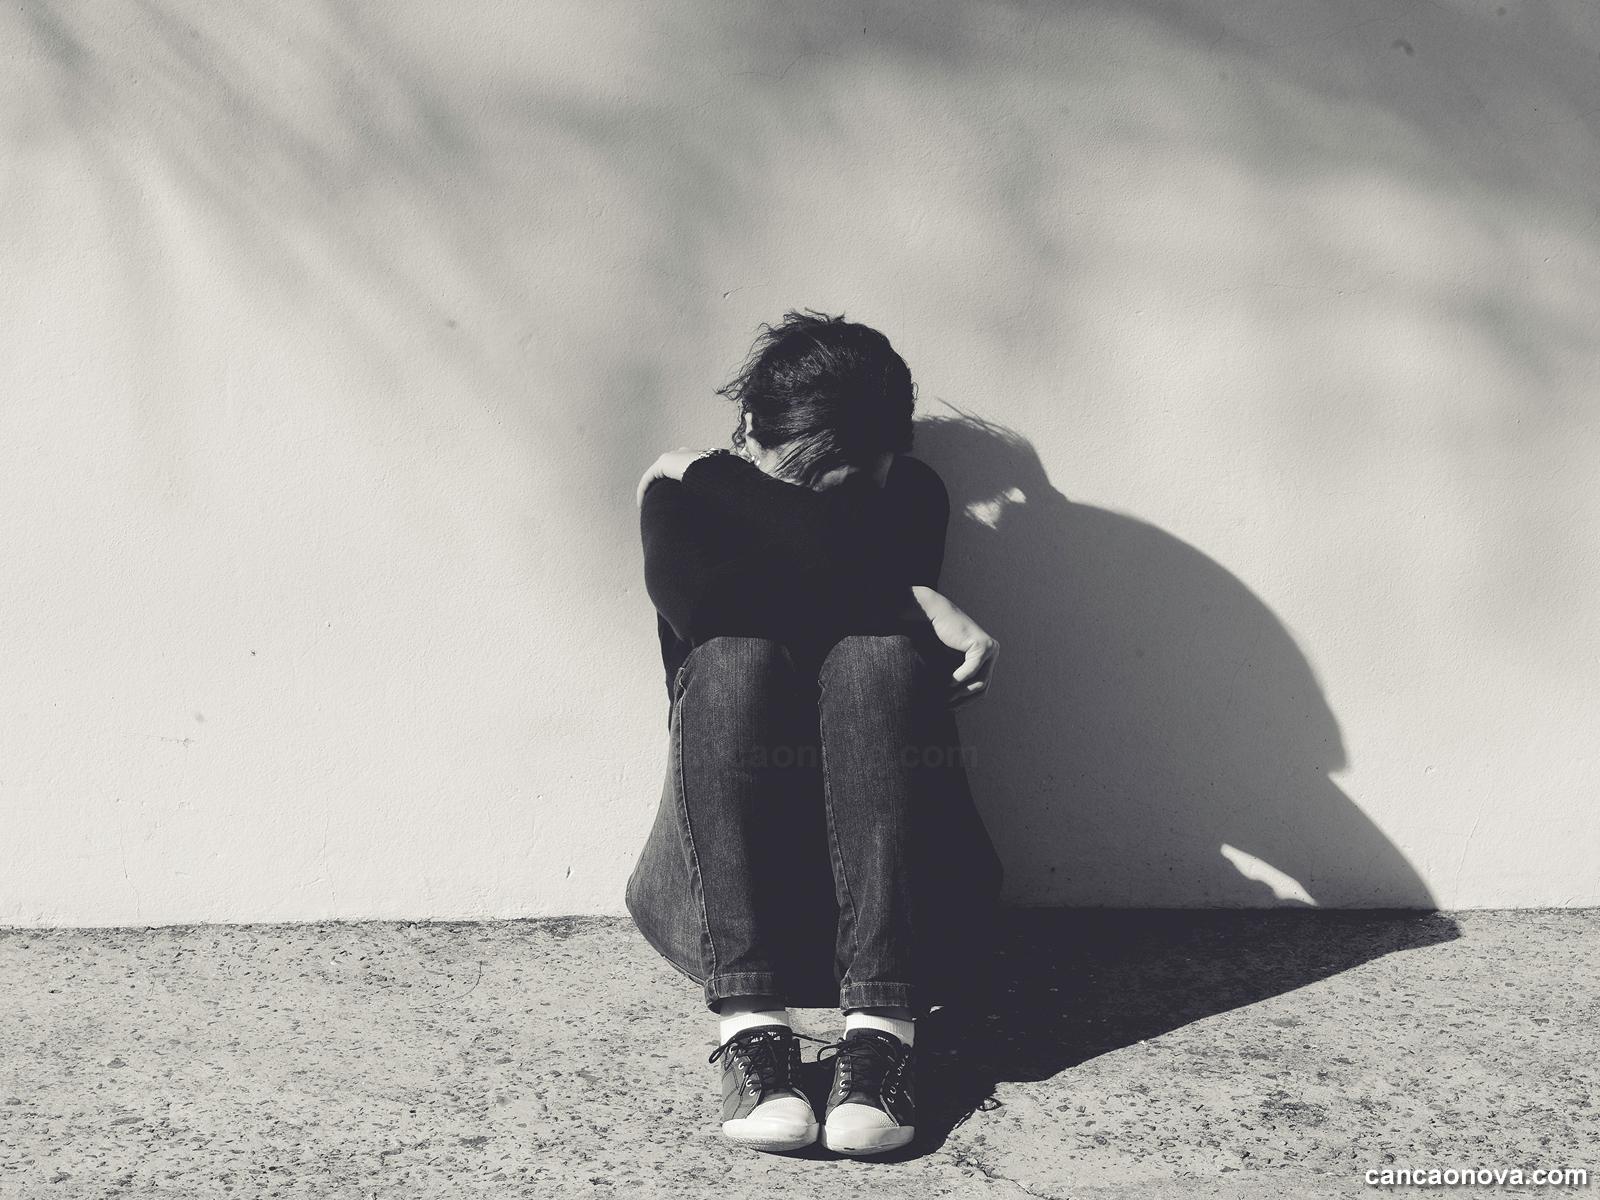 O suicídio precisar ser visto com atenção